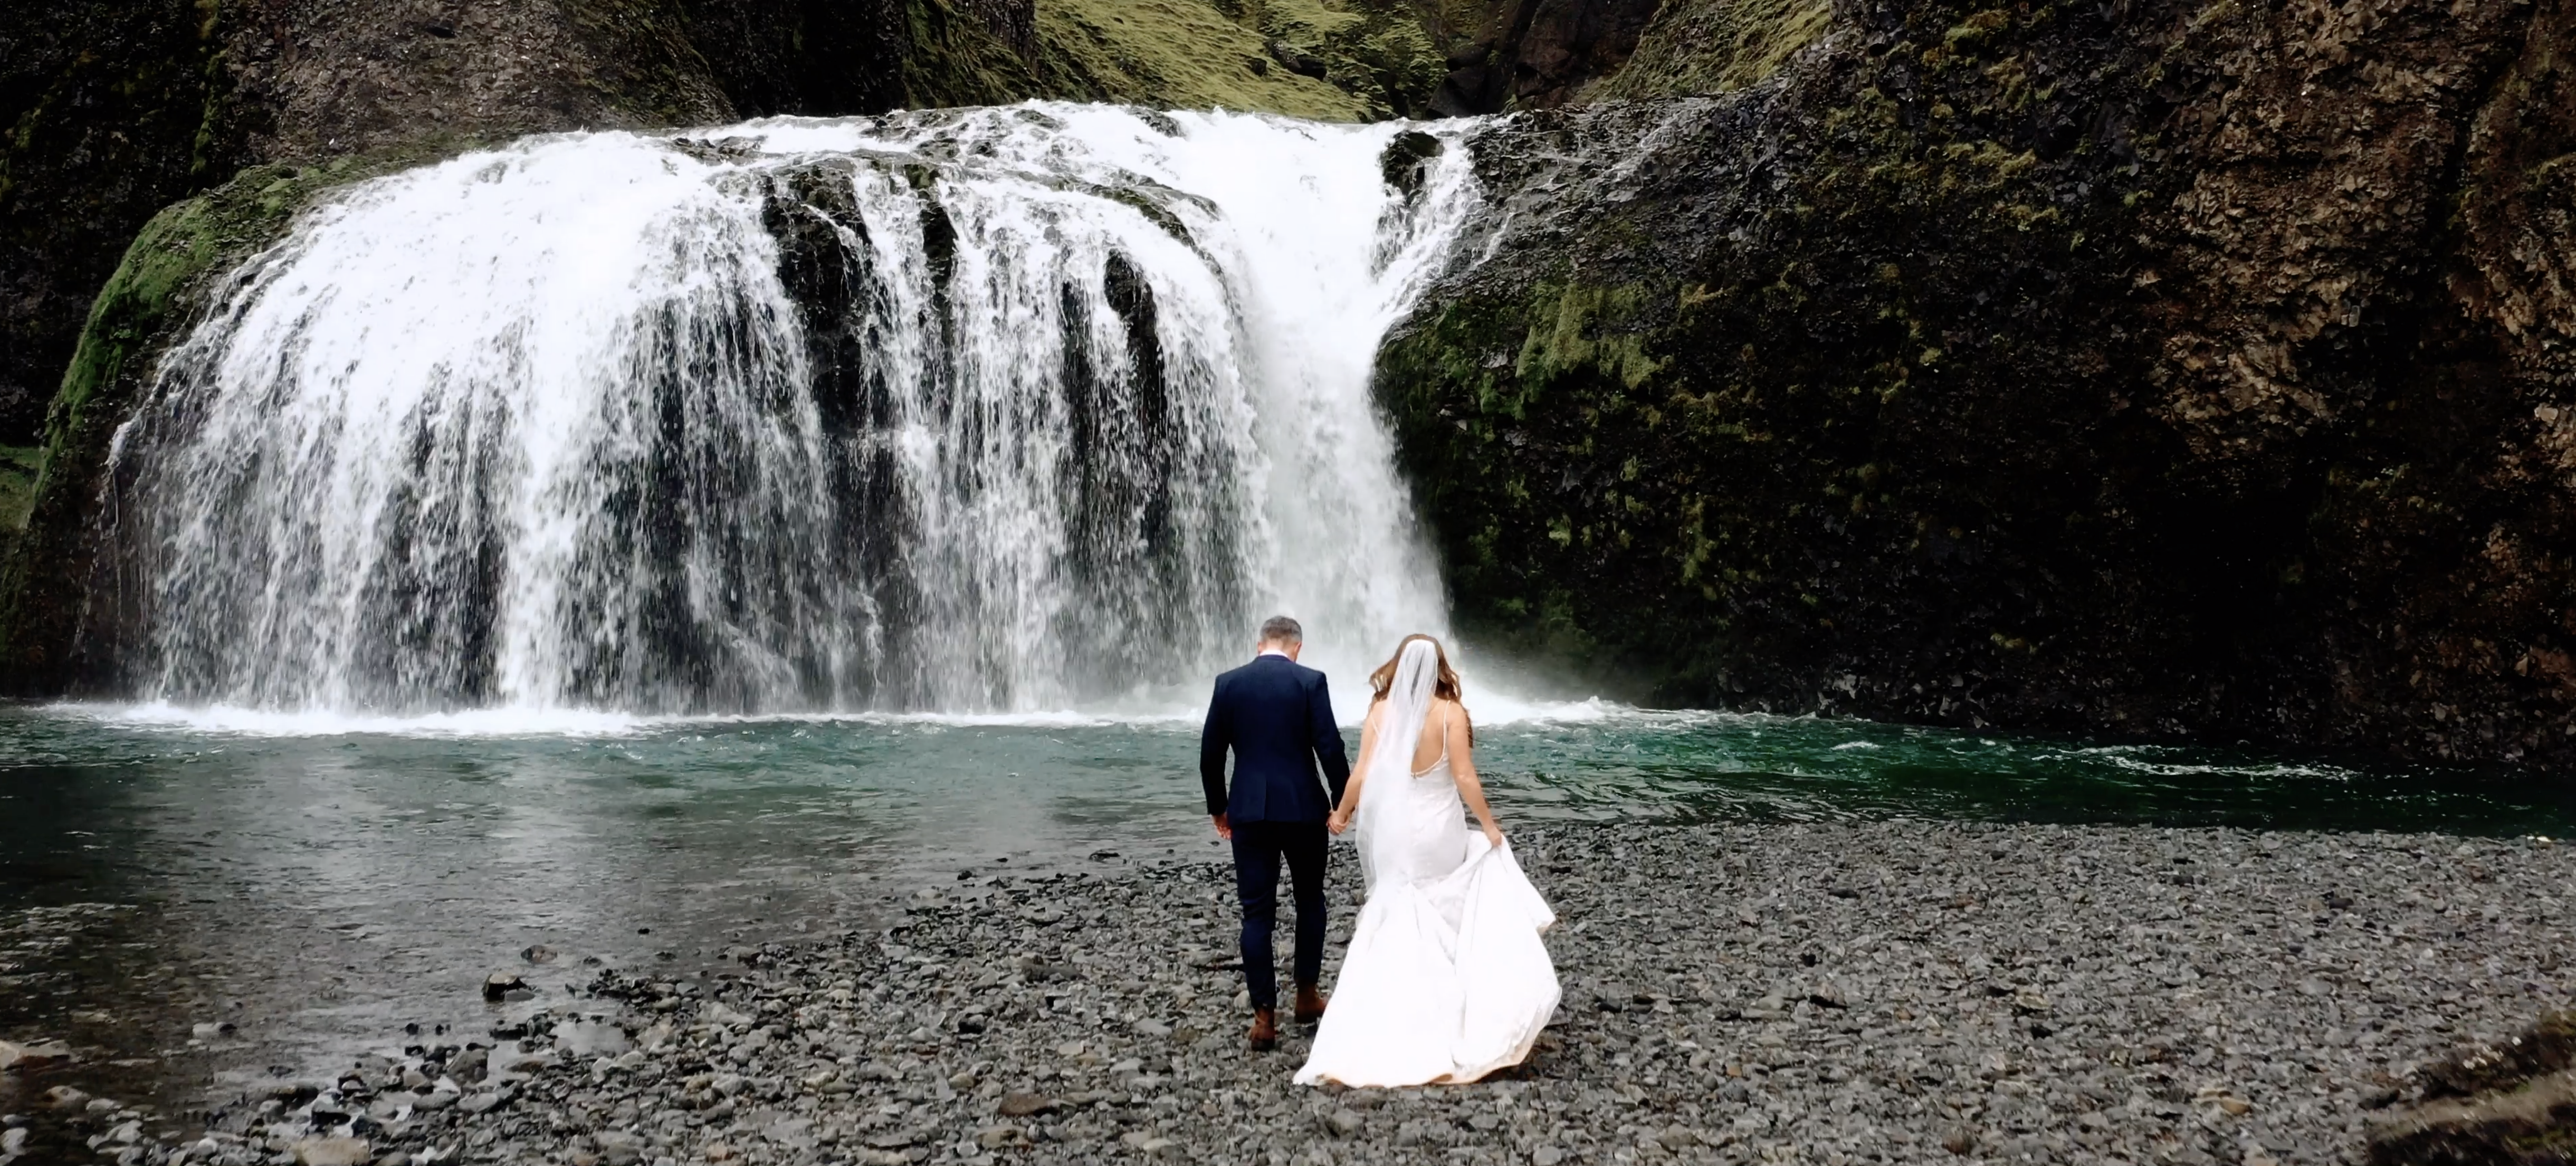 Lana + Jason | Vik, Iceland | Iceland